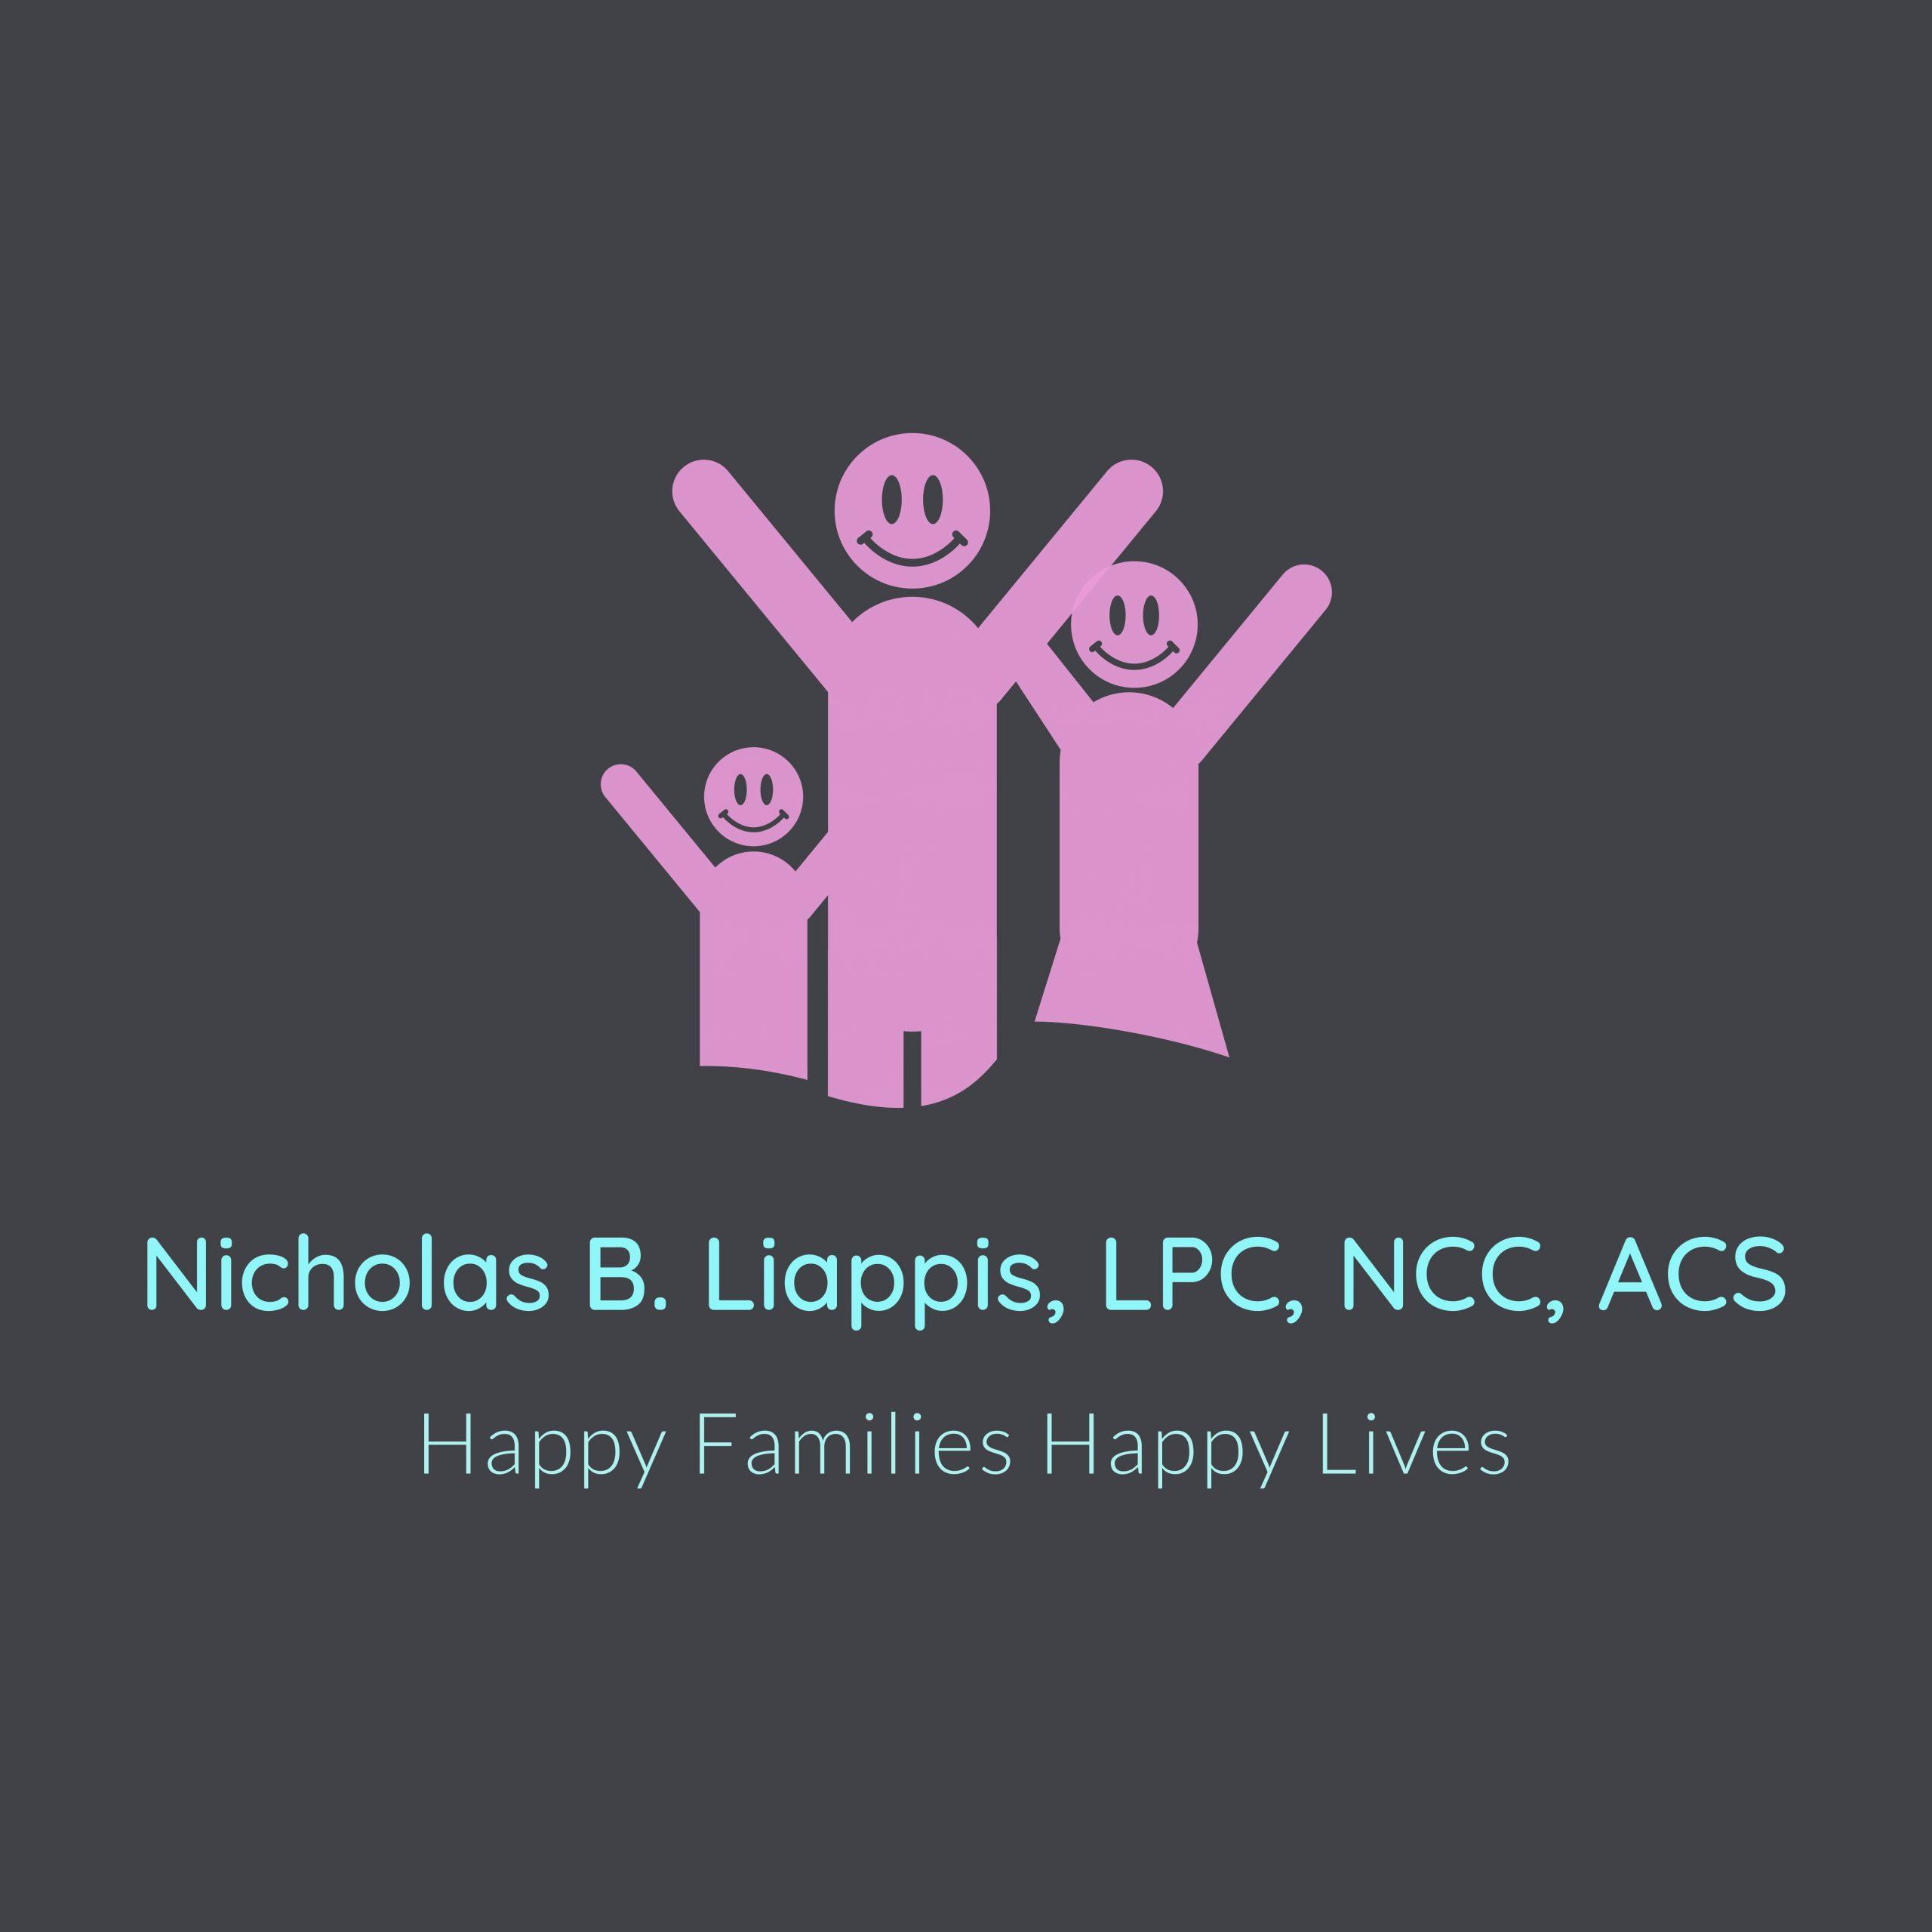 Nicholas B. Liappis, LPC, NCC, ACS